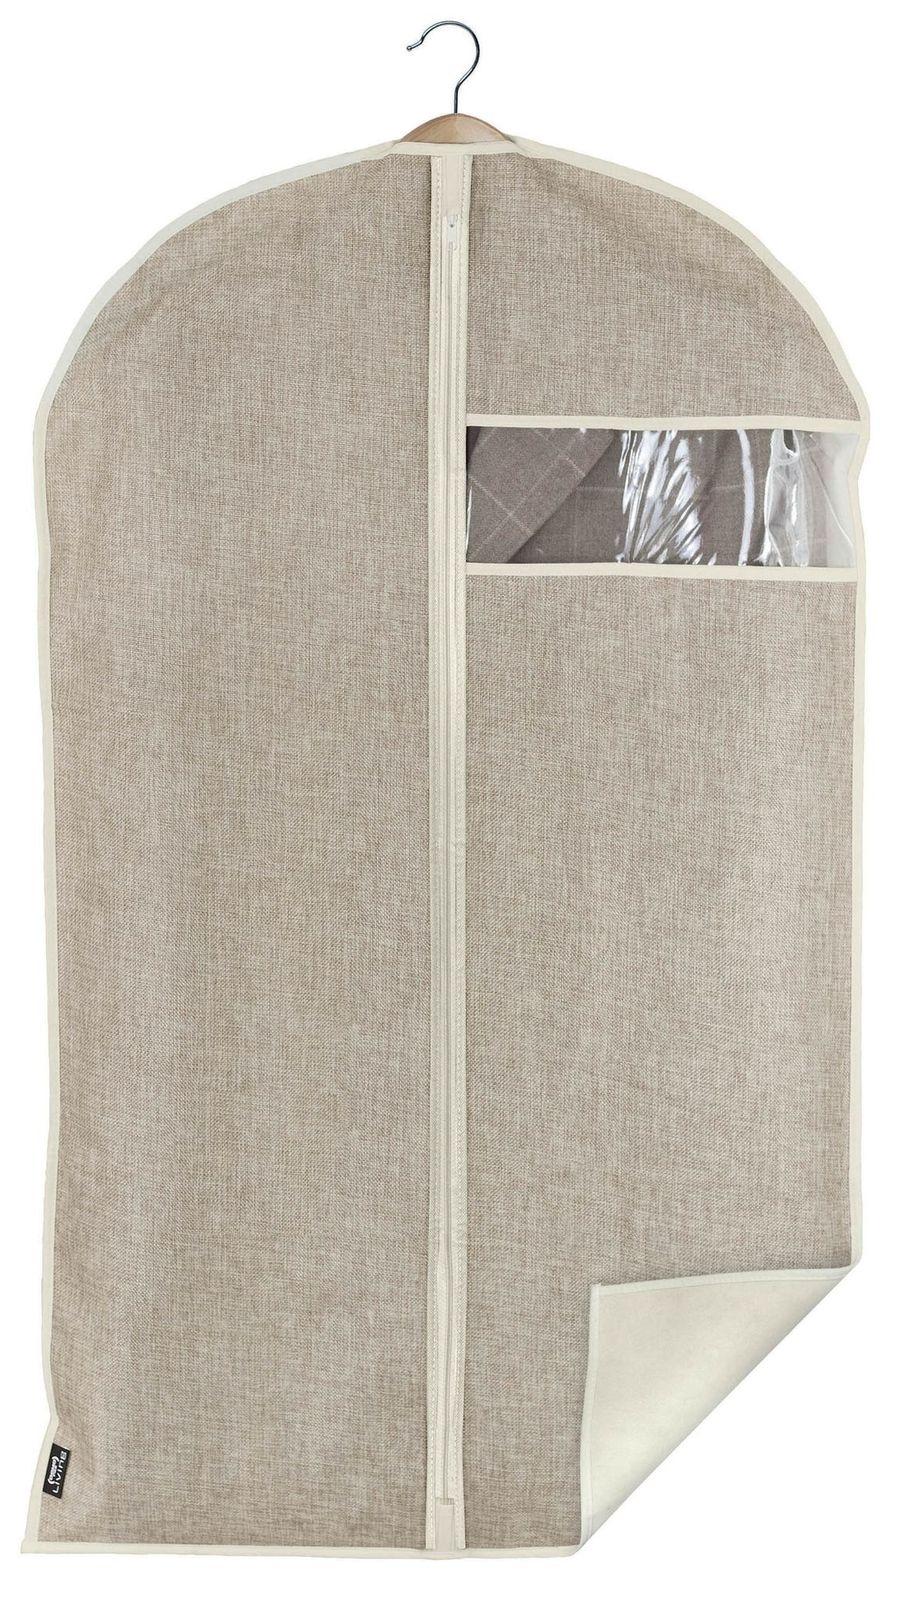 Husa pentru haine cu fermoar, Maison Crem, l60xH100 cm poza